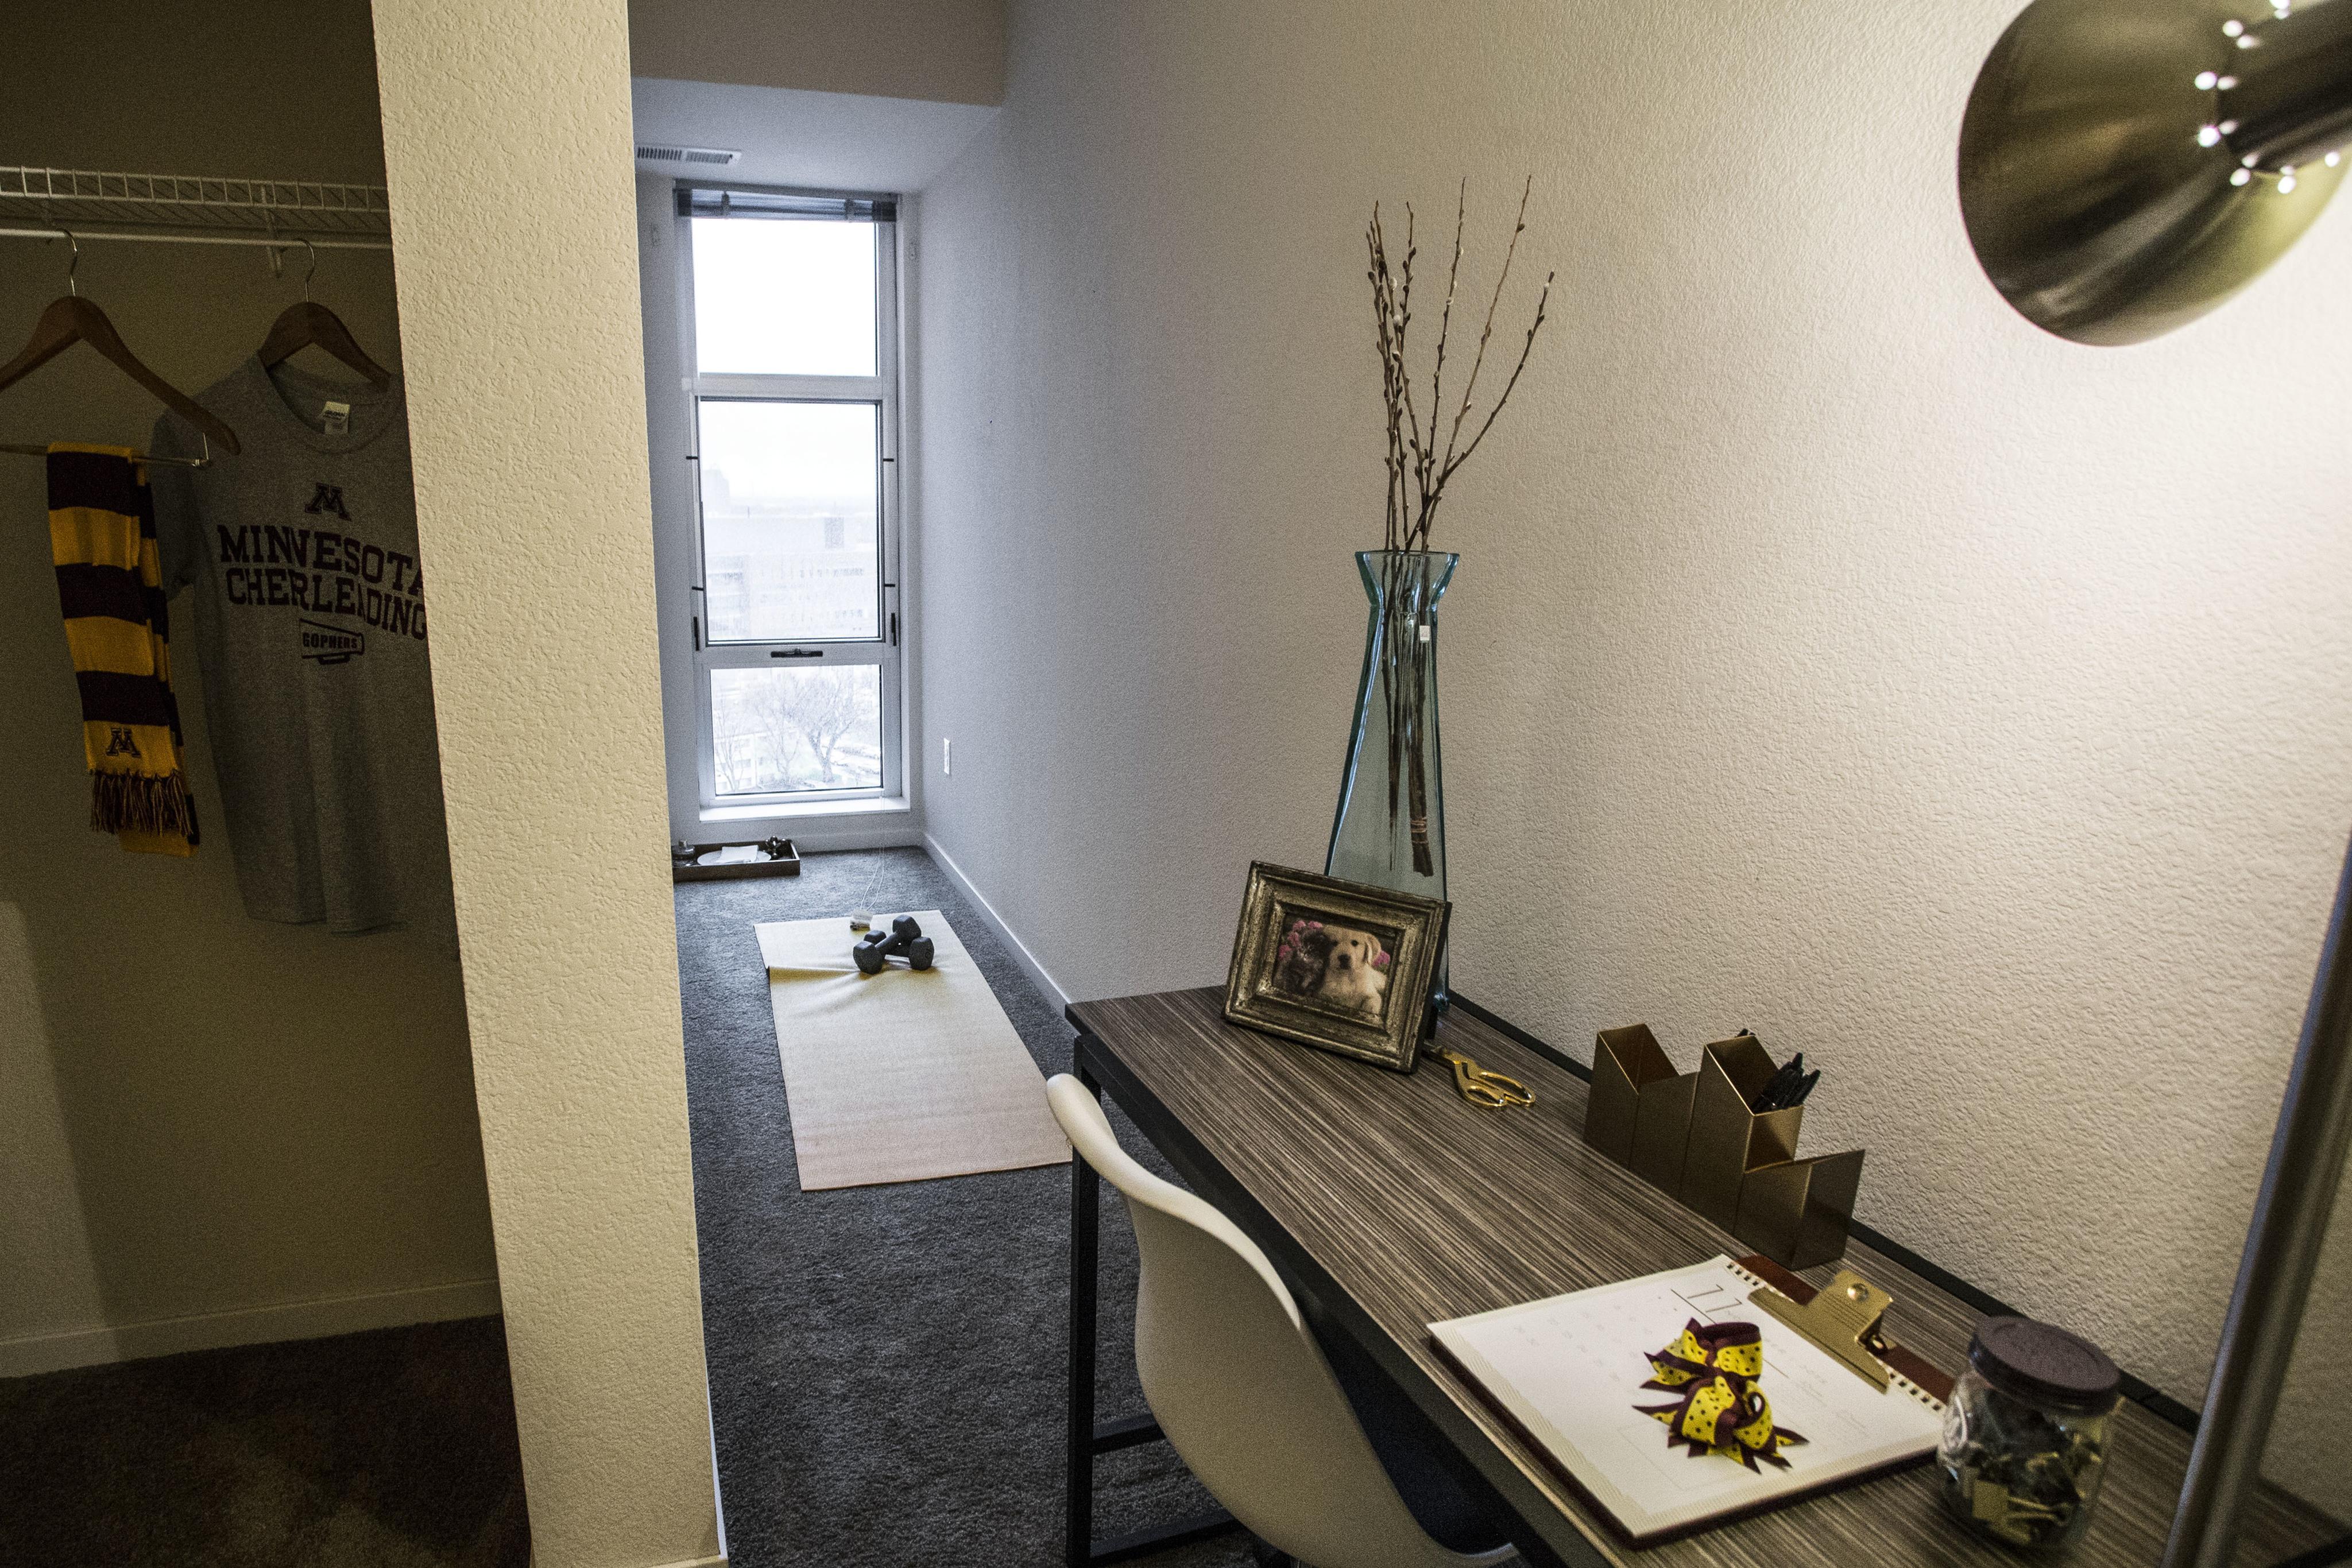 WaHu Apartments image 7